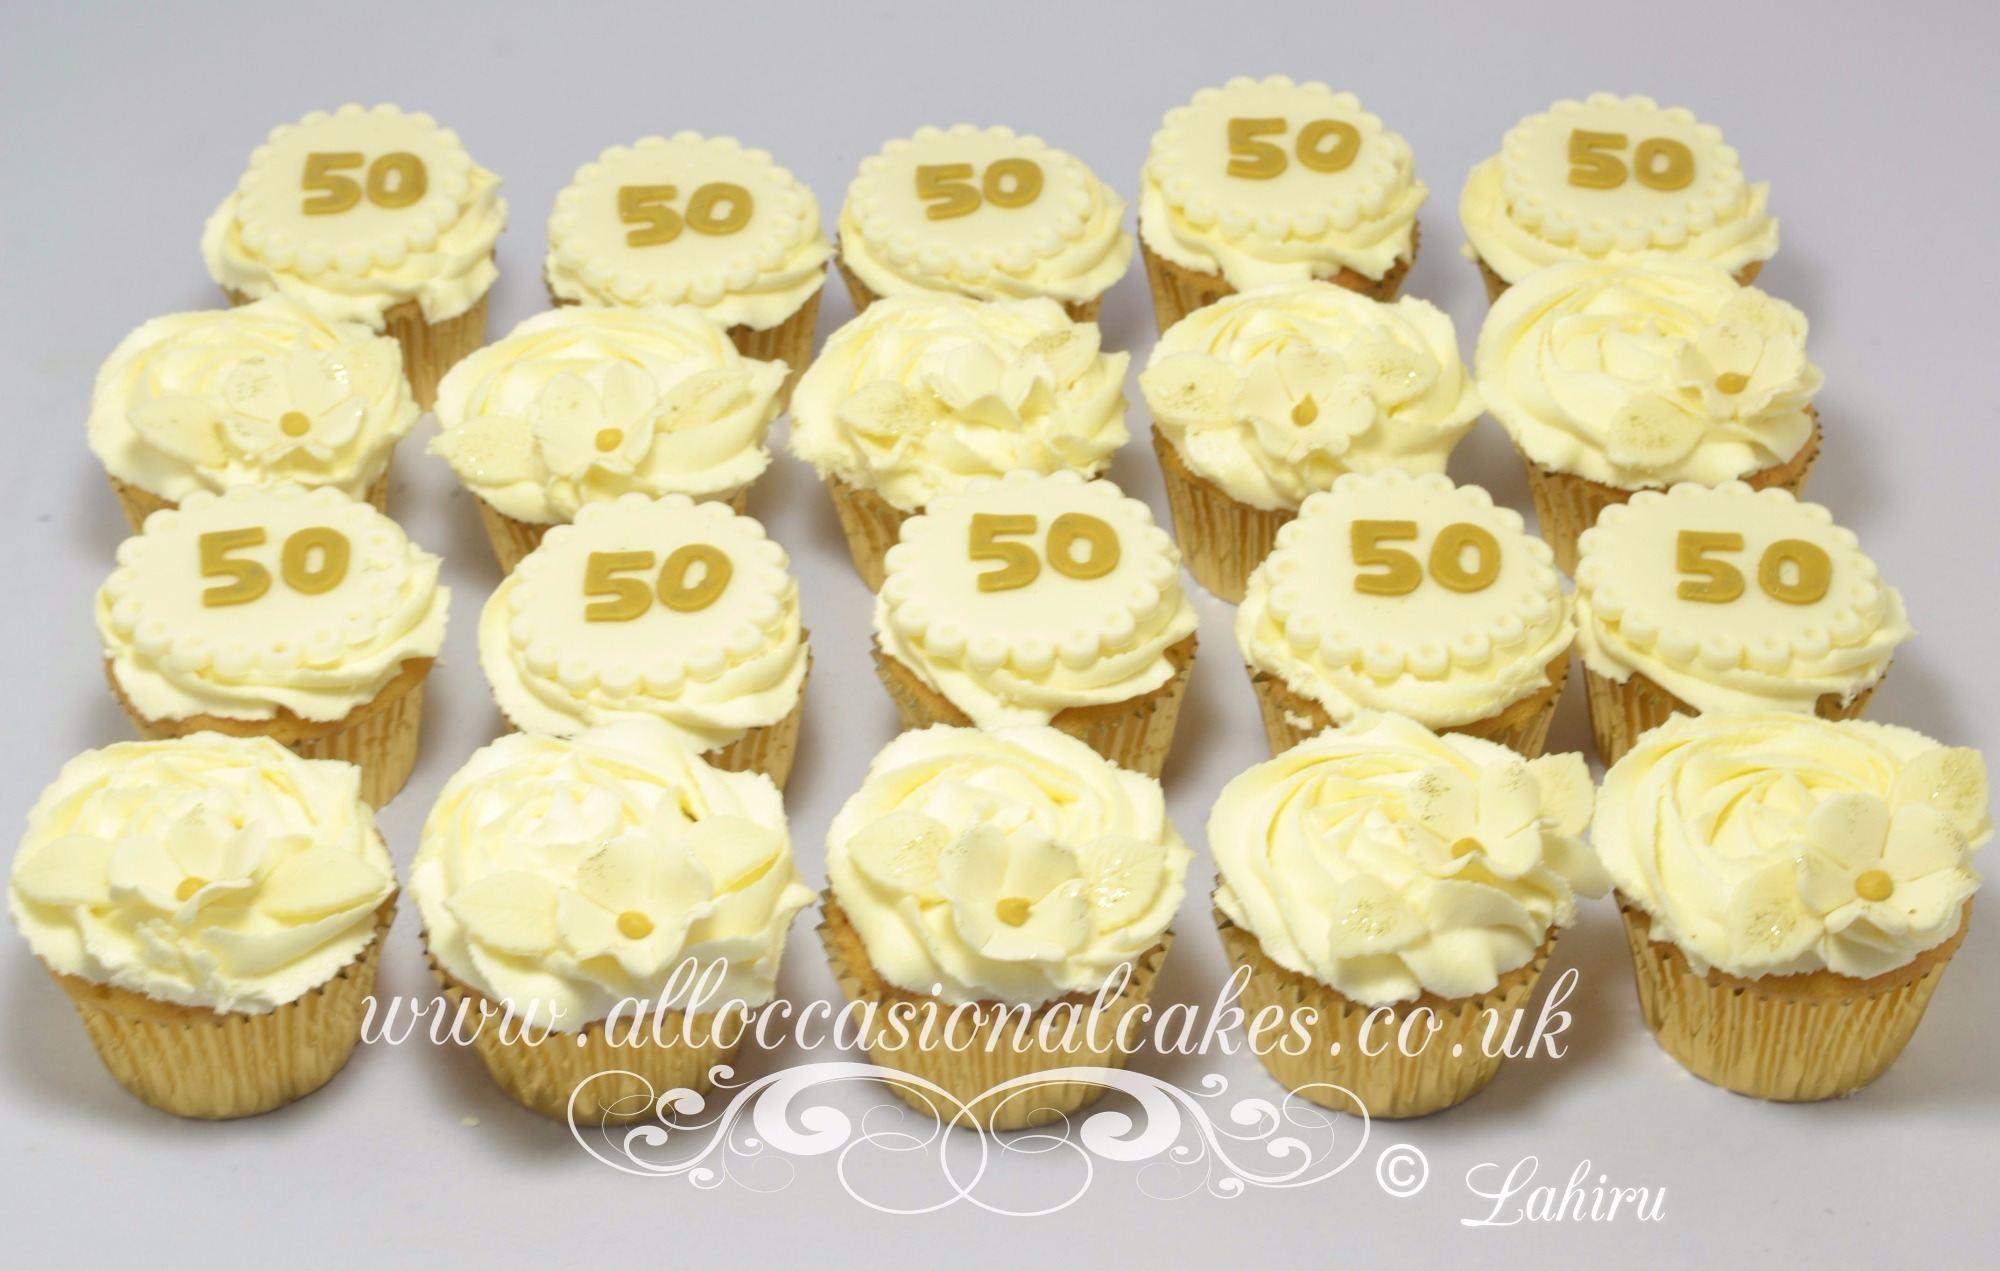 50th anniversary cupcake